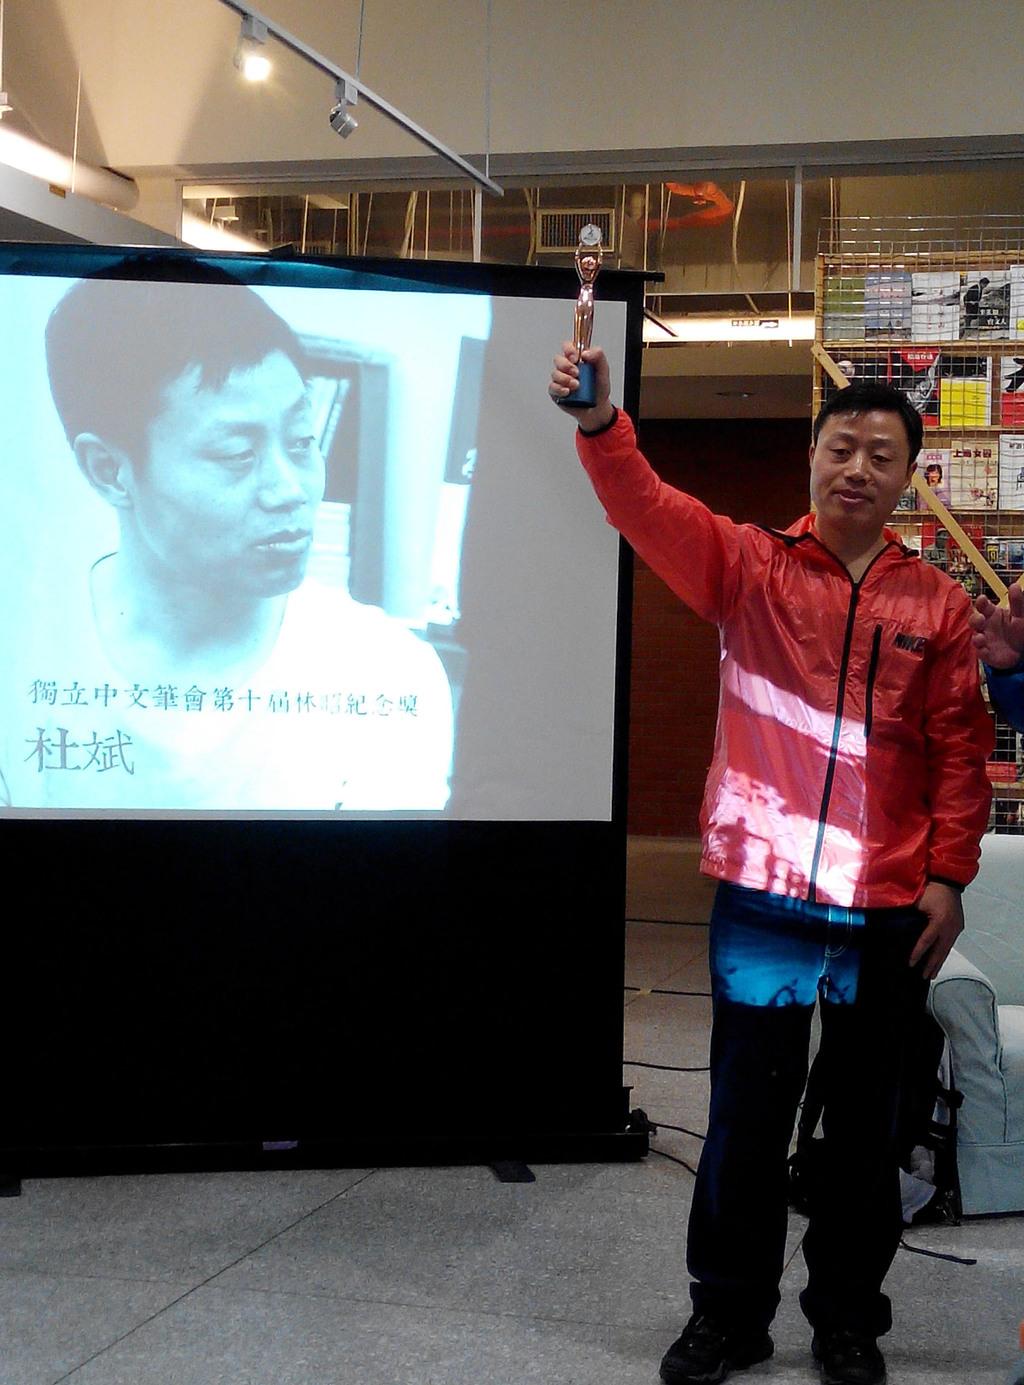 中國獨立記者杜斌於2015年在台北教育大學接受獨立中文筆會頒獎